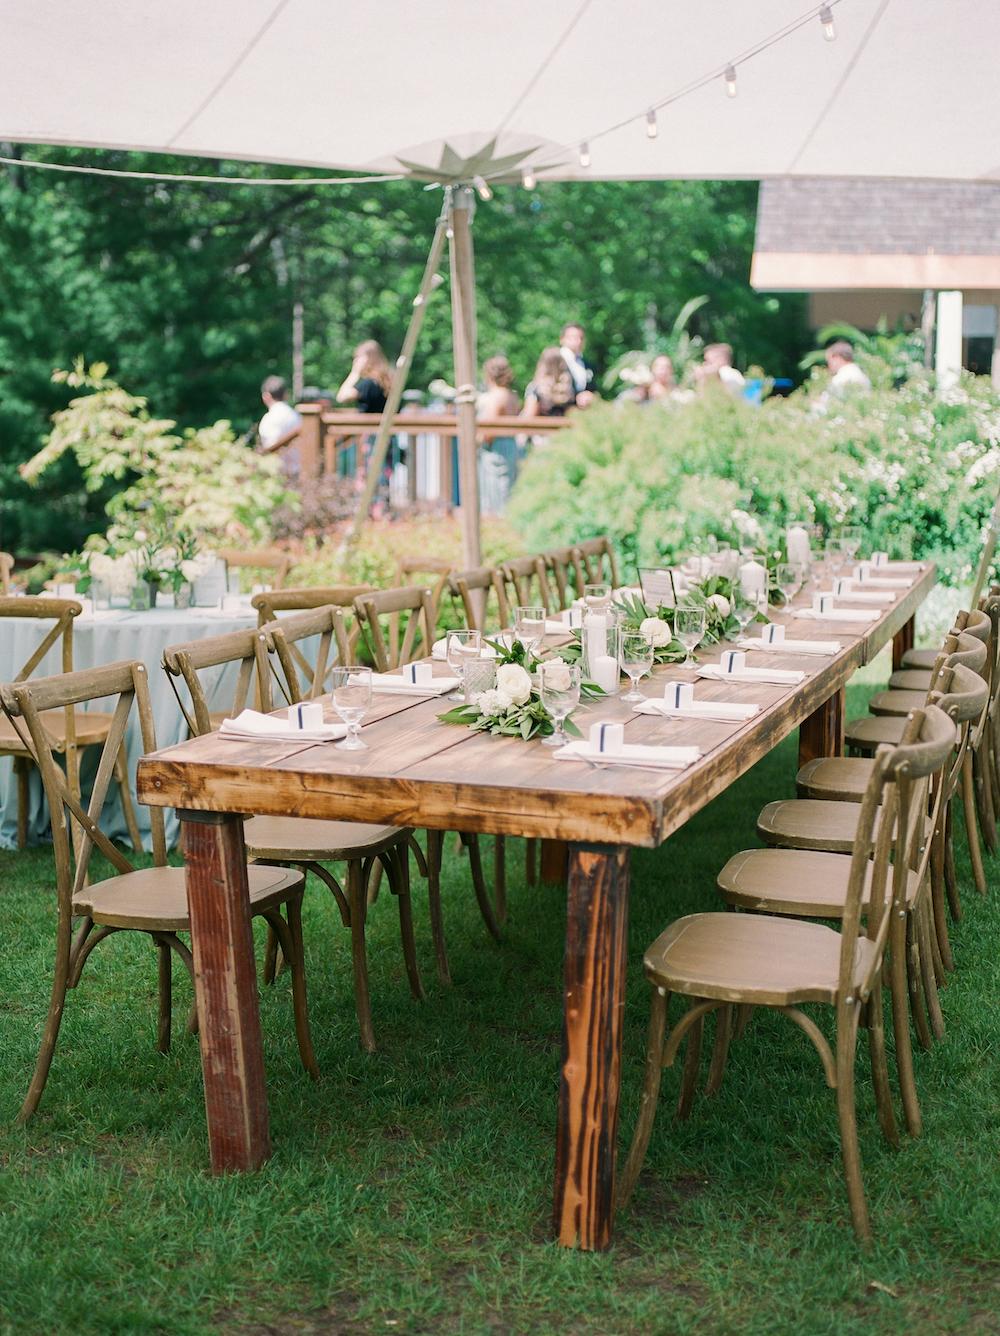 Tables set for a Leelanau school wedding in Glen Arbor, Michigan